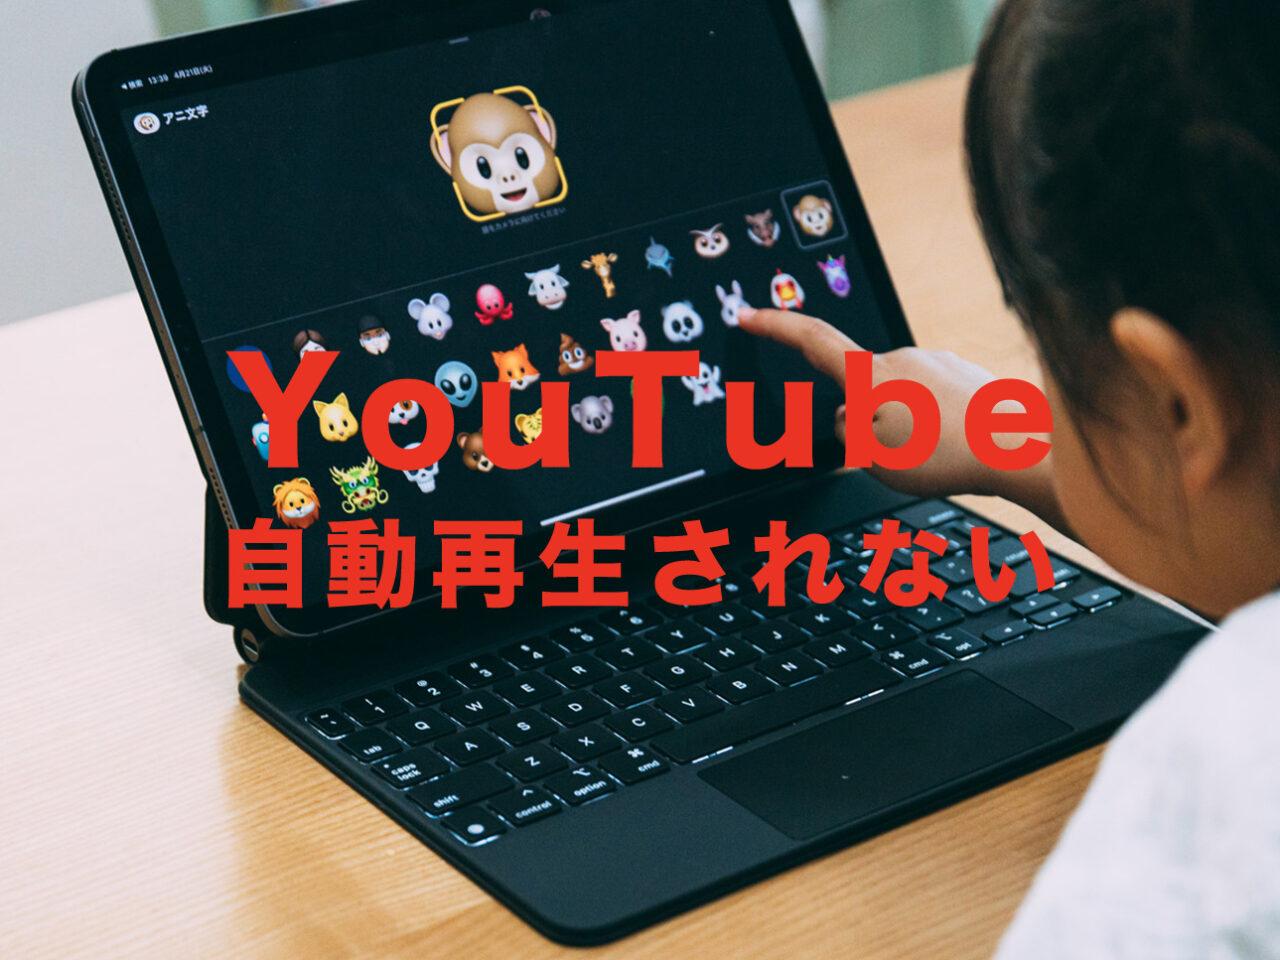 YouTube(ユーチューブ)が自動再生されない!iPhone&PCでボタンがない!自動再生するには?のサムネイル画像